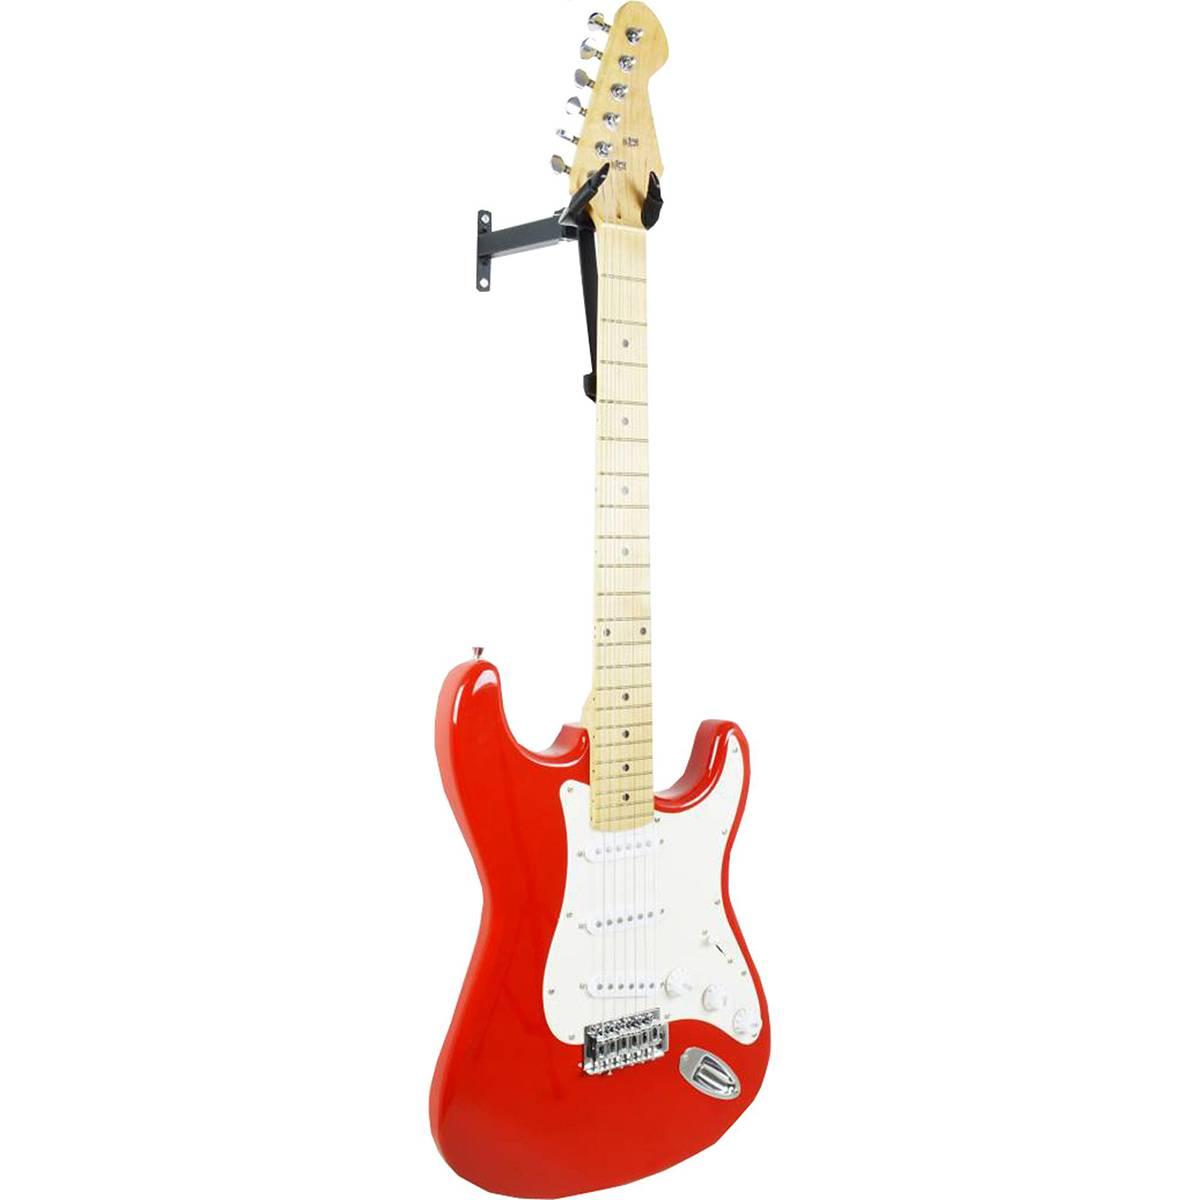 Kit com 03 Suportes de Parede para Violão, Guitarra ou Baixo com Apoio Articulado - Ask - Loja Portal